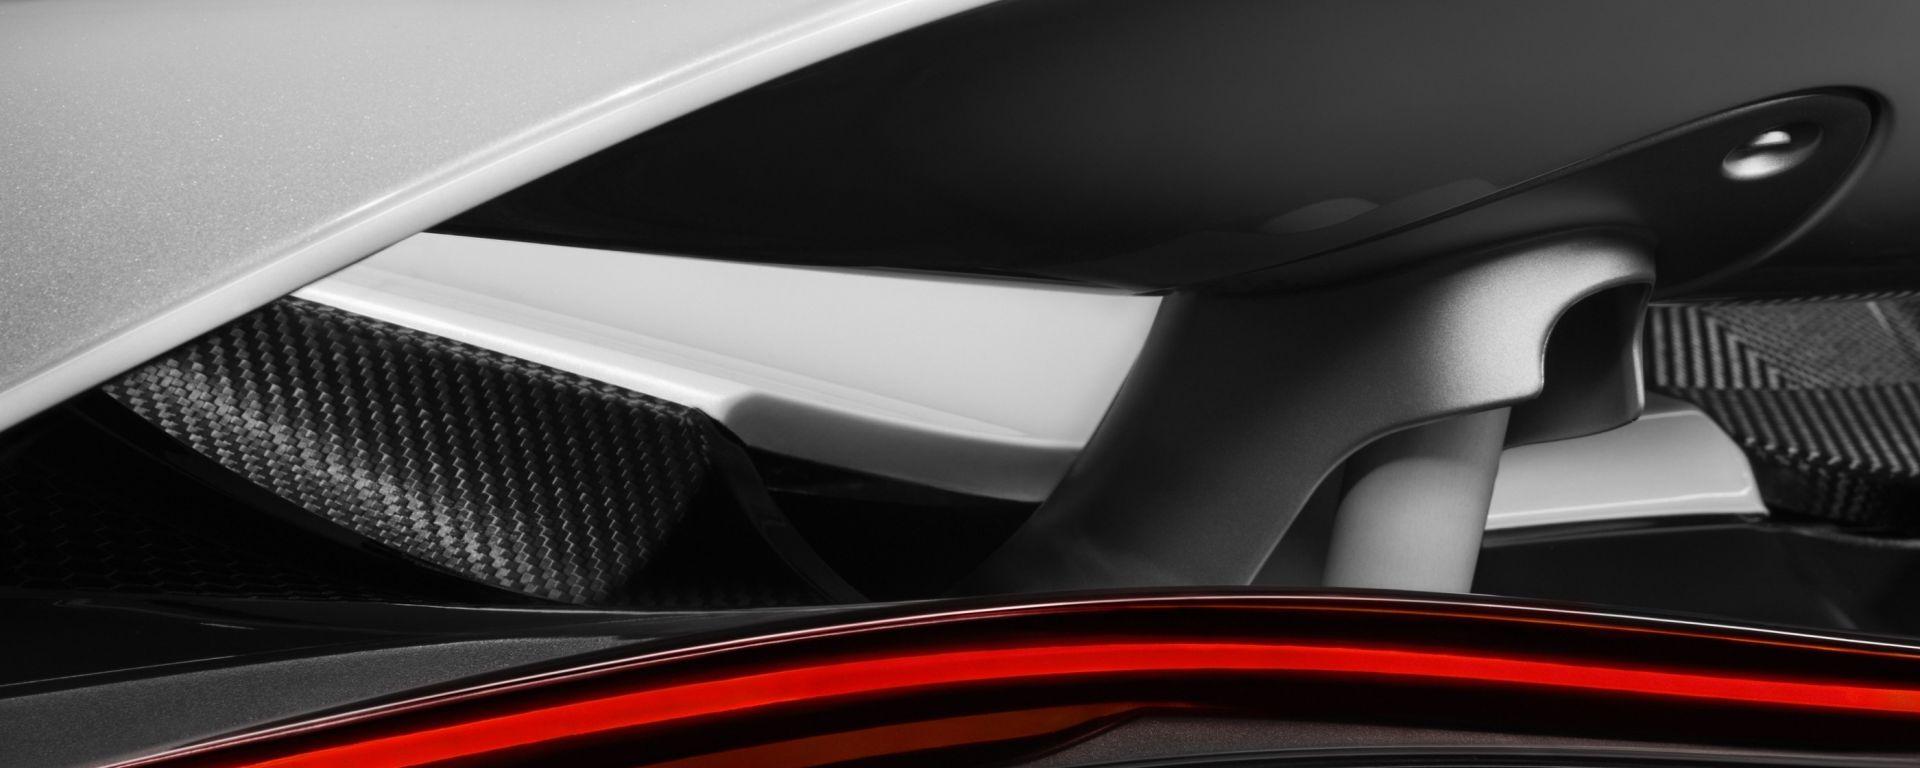 McLaren: un'immagine teaser mostra l'ala posteriore dell'erede della 650S